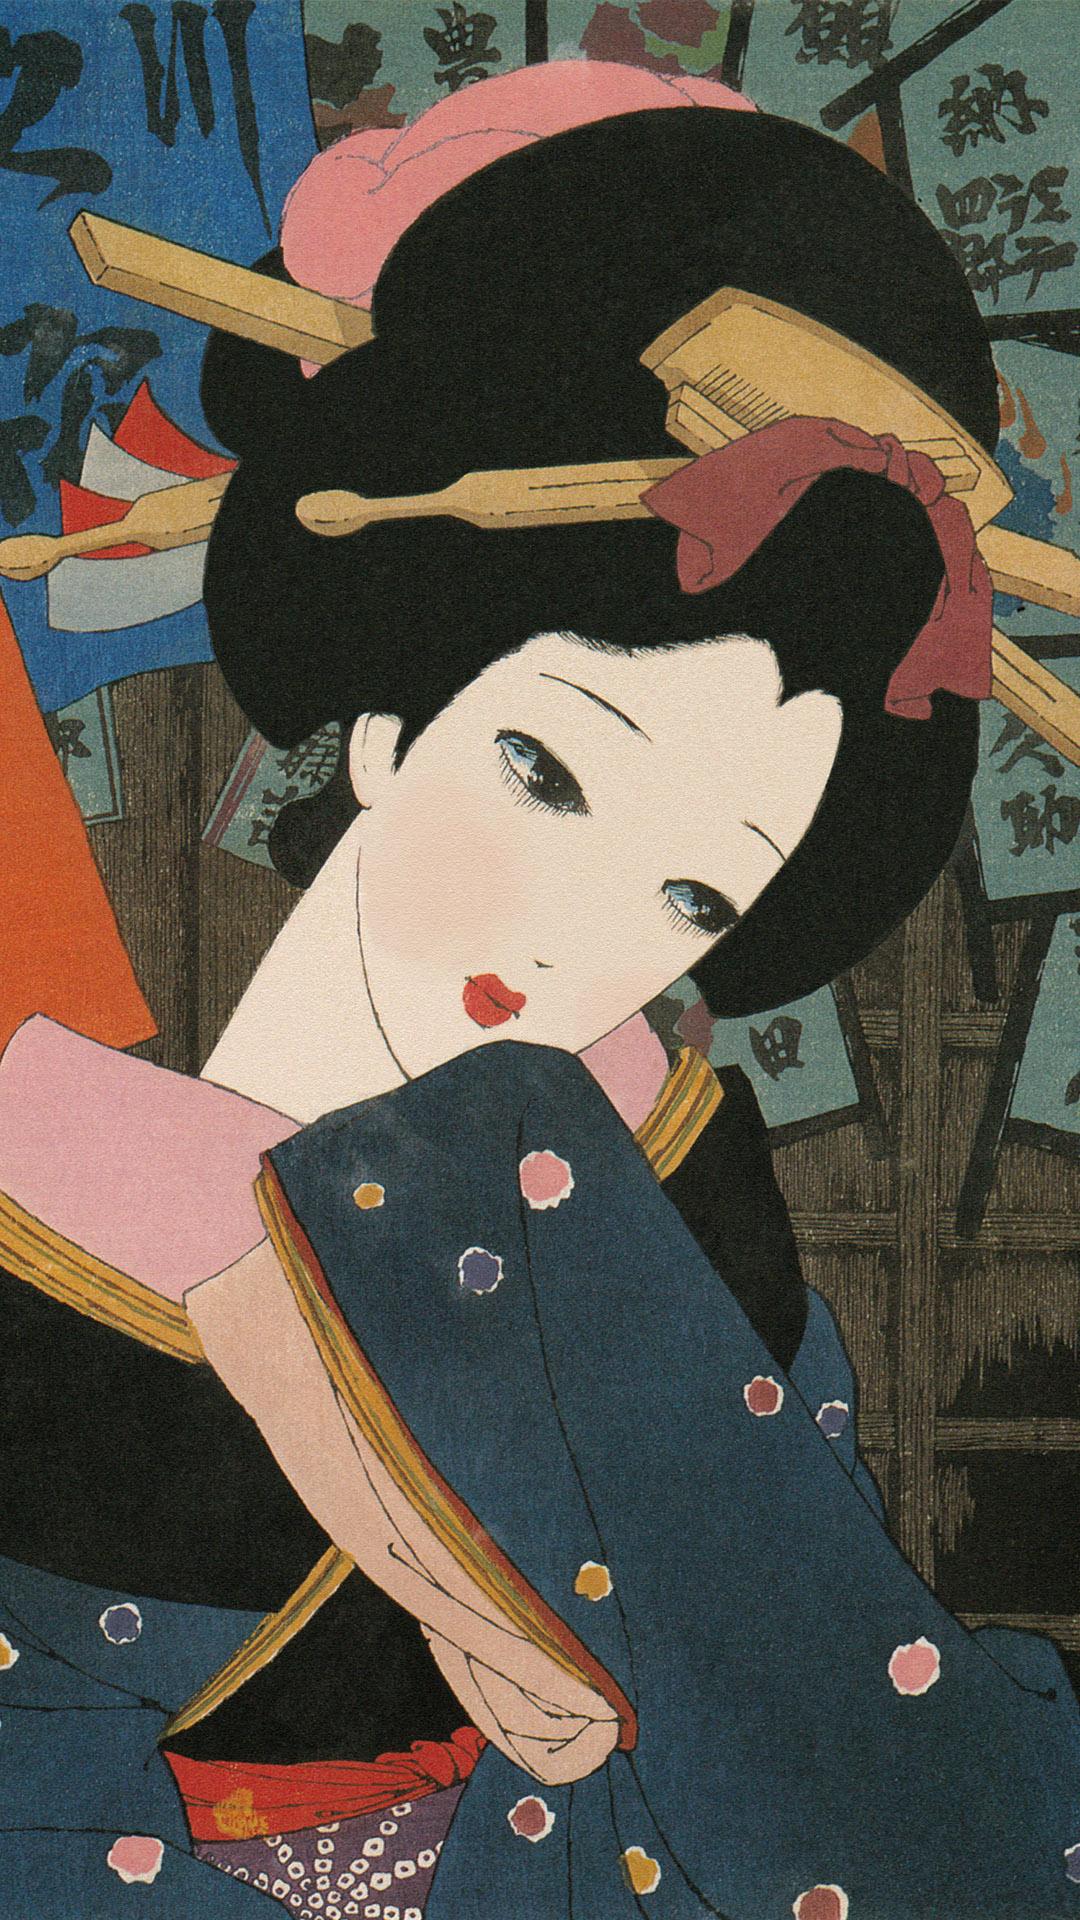 Nakahara Junichi - Musume 12 emaki 05 Negai 1080x1920